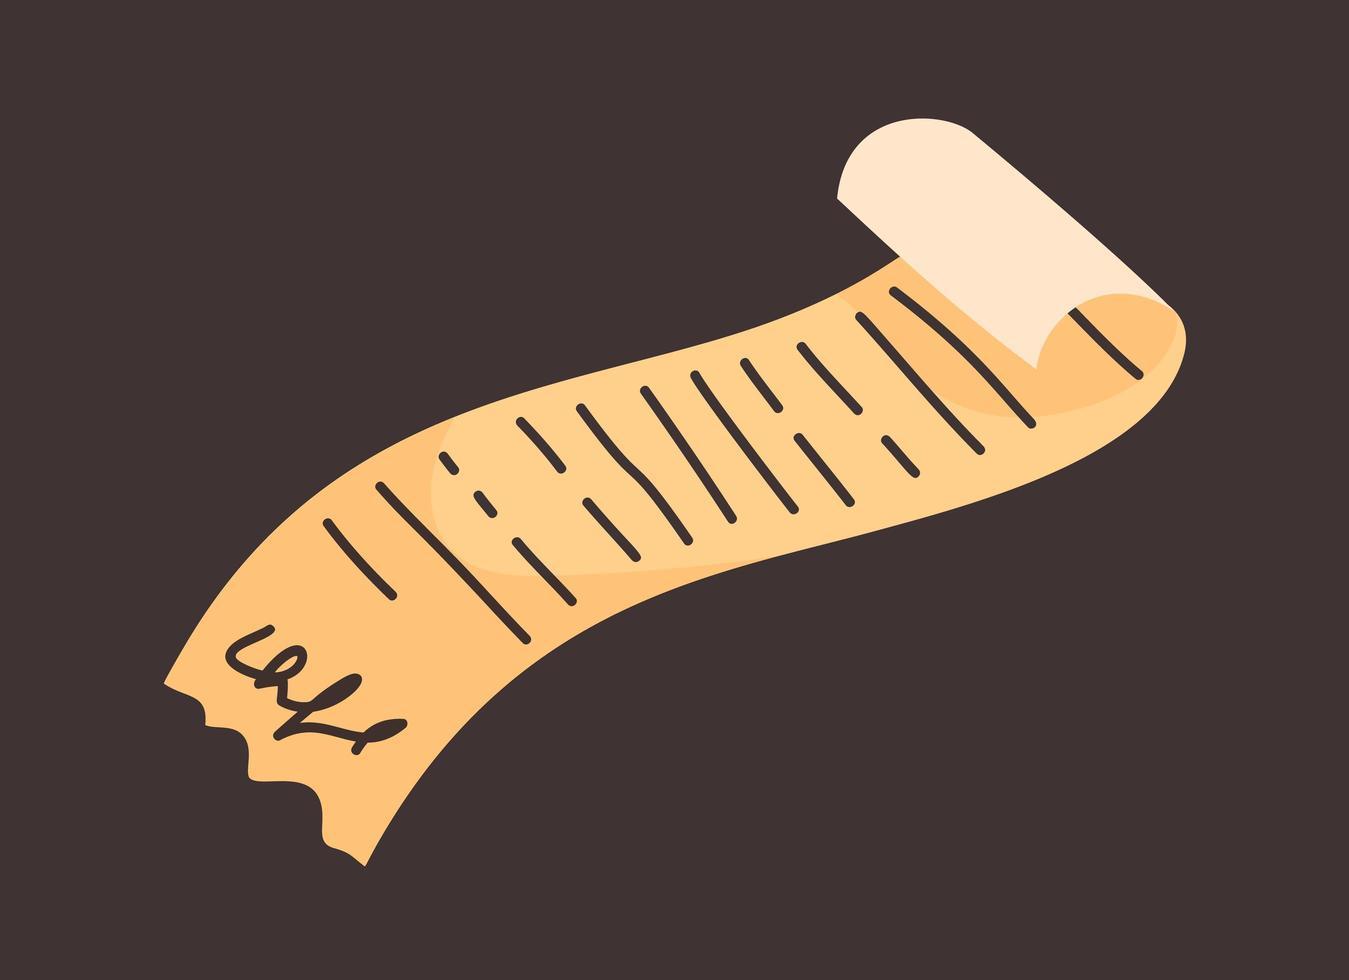 handdrawn doodle dokument ikon. handritad tecken symbol. dekoration element isolerade tecknad platt design. vektor illustration